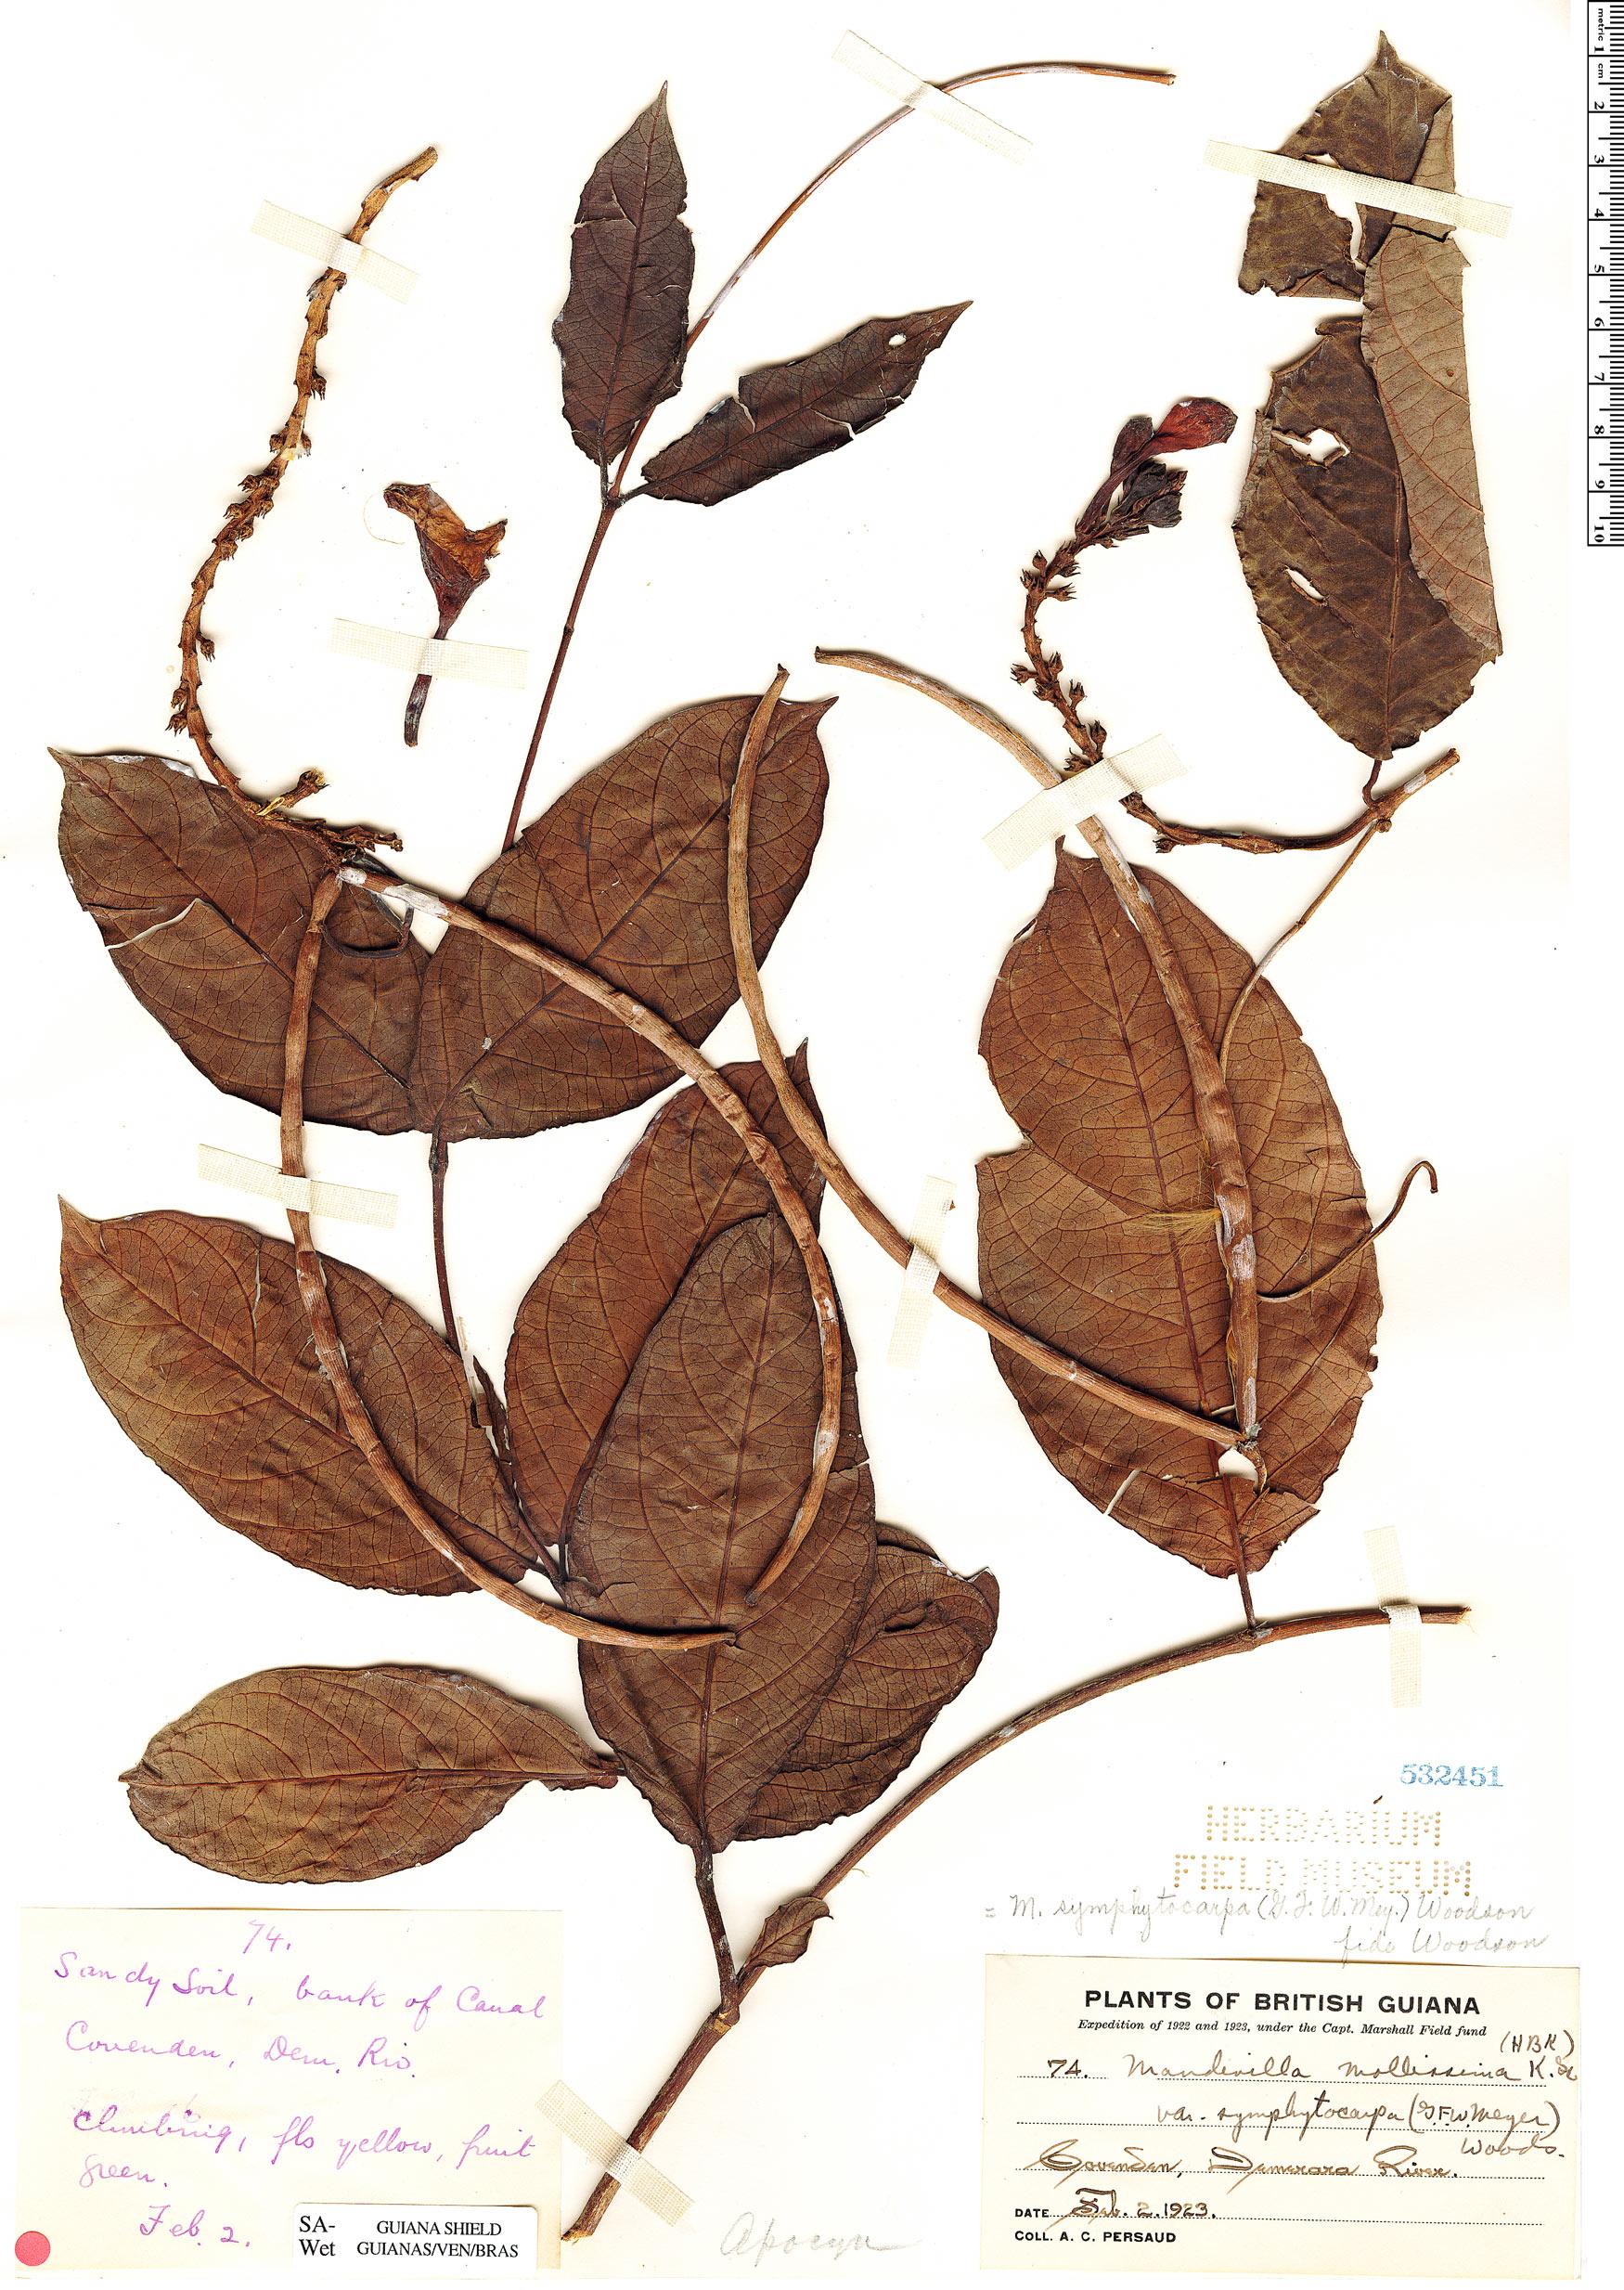 Specimen: Mandevilla symphytocarpa